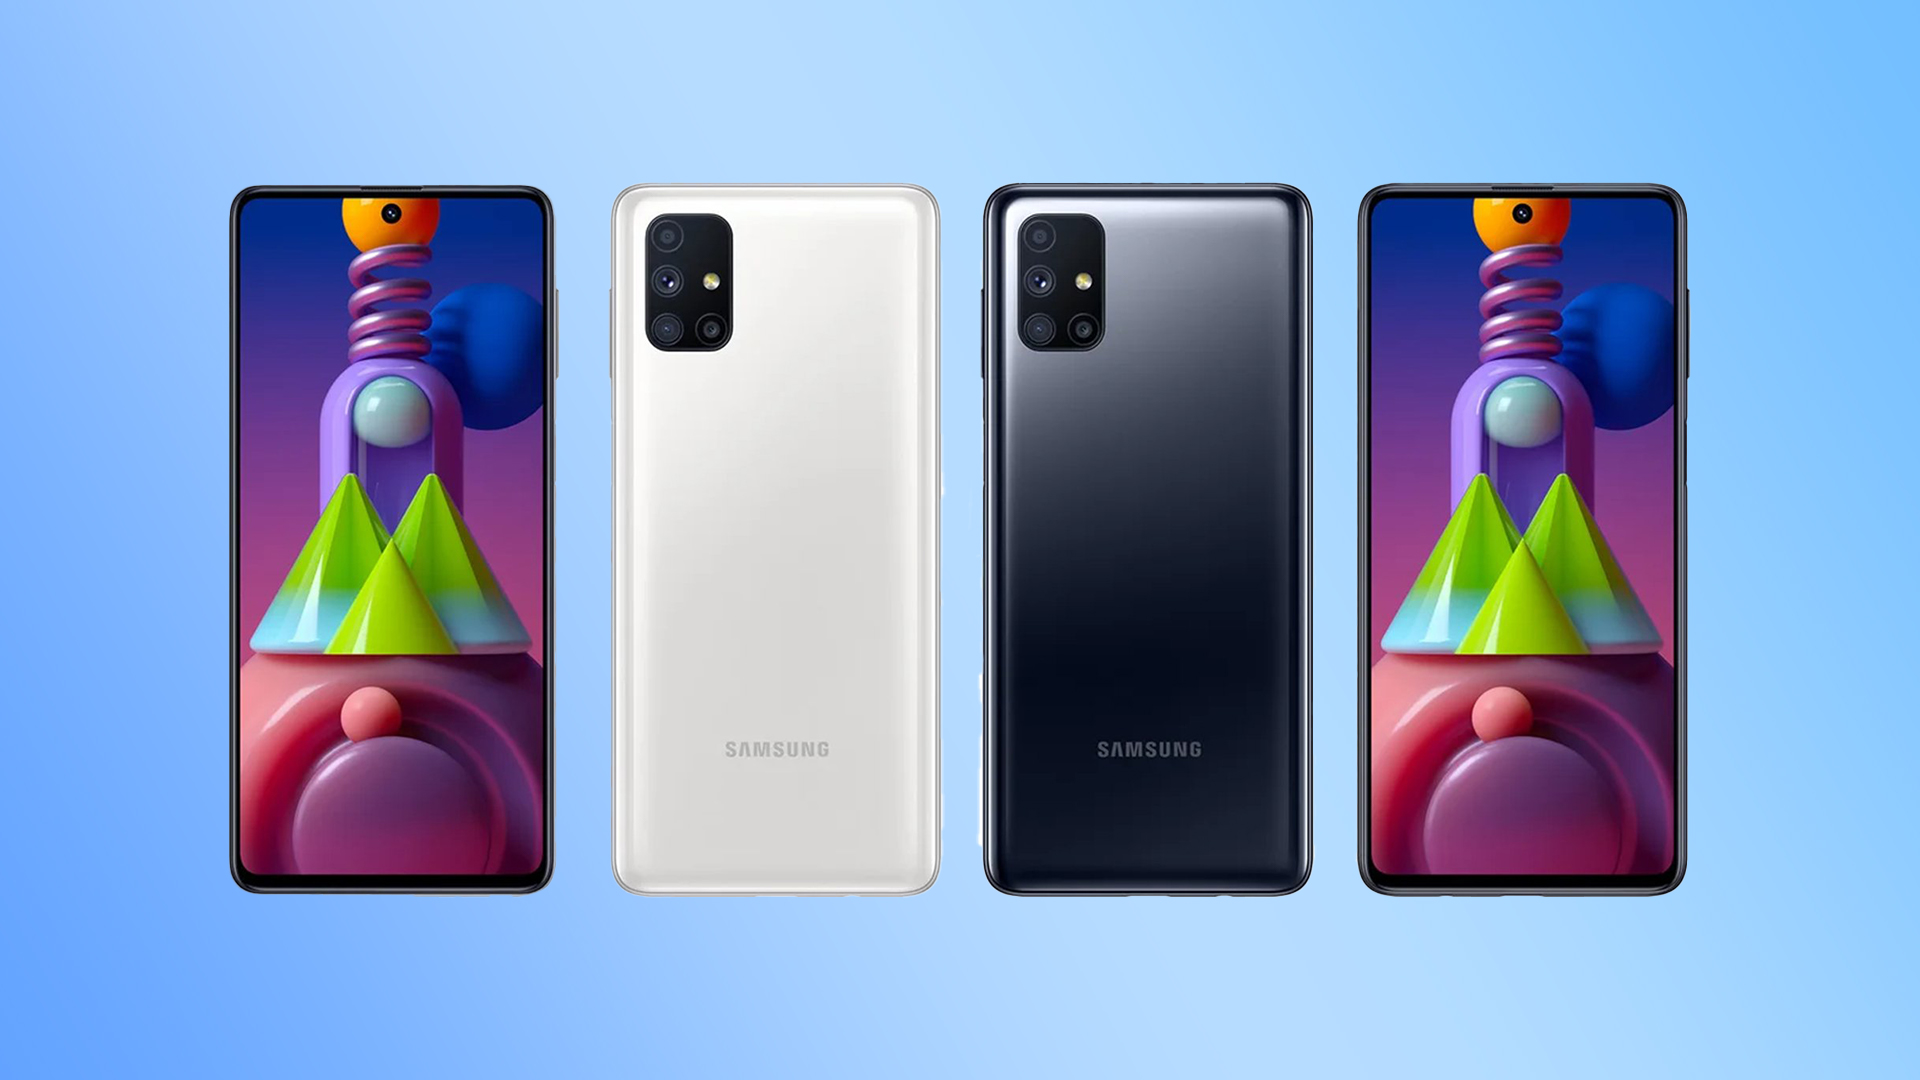 Samsung Galaxy M51: a valid alternative